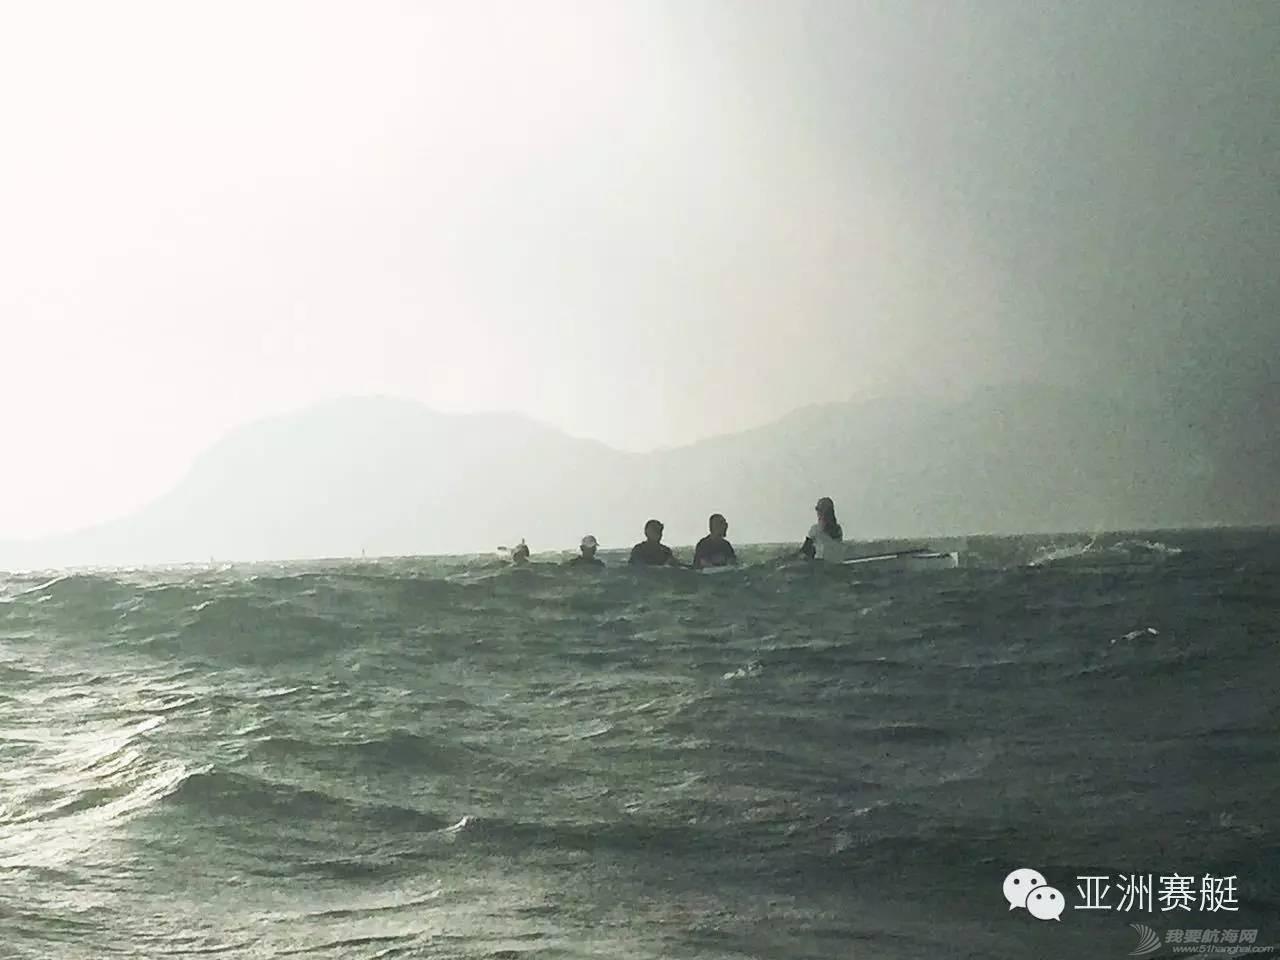 在海浪中划赛艇?王石主席在深圳万科浪骑游艇会体验海岸赛艇Costal Rowing ac669c6ad59c638be1c4c00ed2971010.jpg